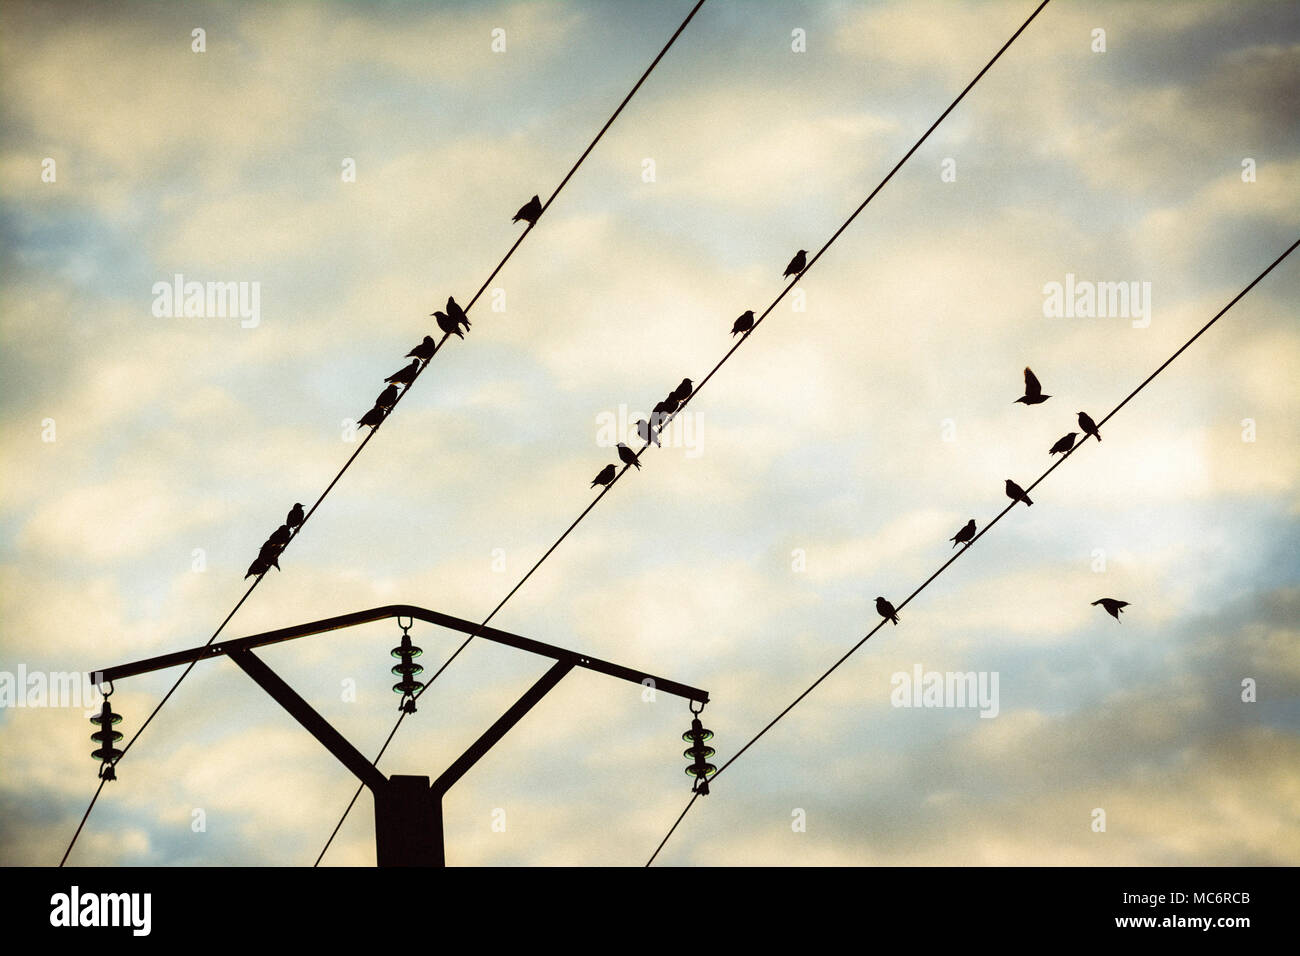 Oiseaux sur un poteau téléphonique à fil, Puy de Dome, Auvergne, France, Europe Photo Stock